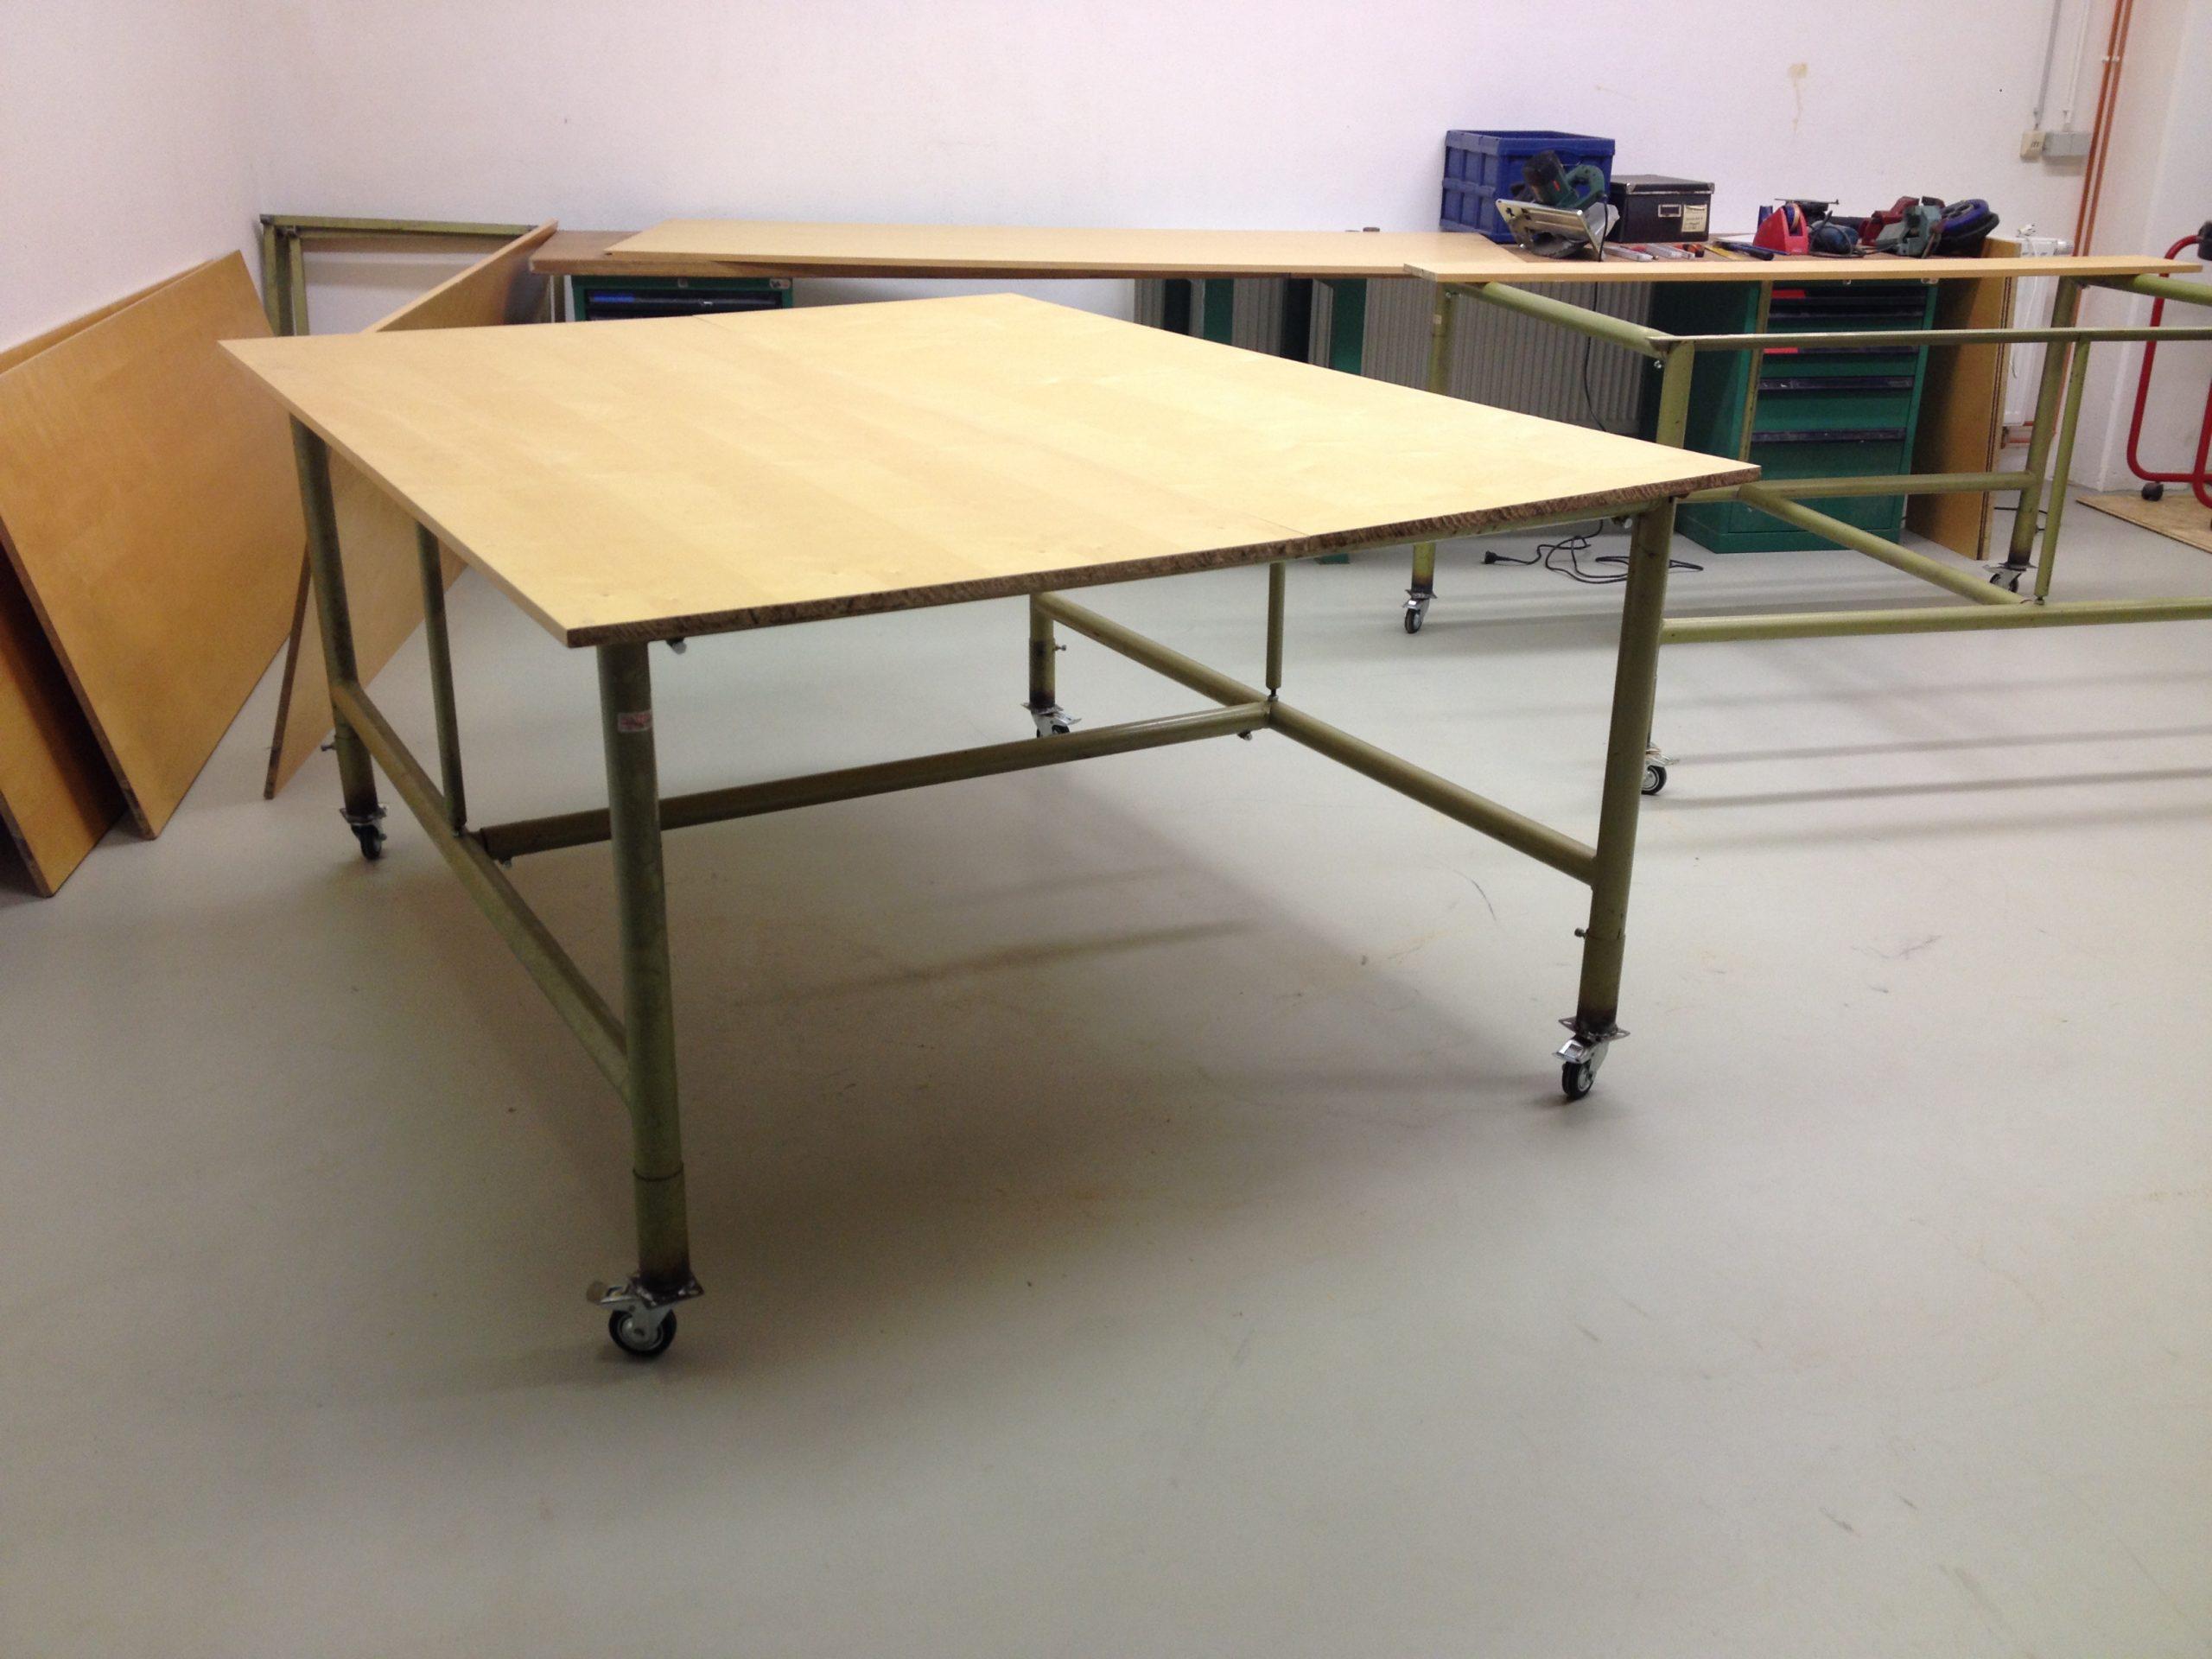 Der erste große Arbeitstisch ist fertig und rollbar. Auf 200 x 150 cm ist viel Platz für eine oder mehrere Personen.